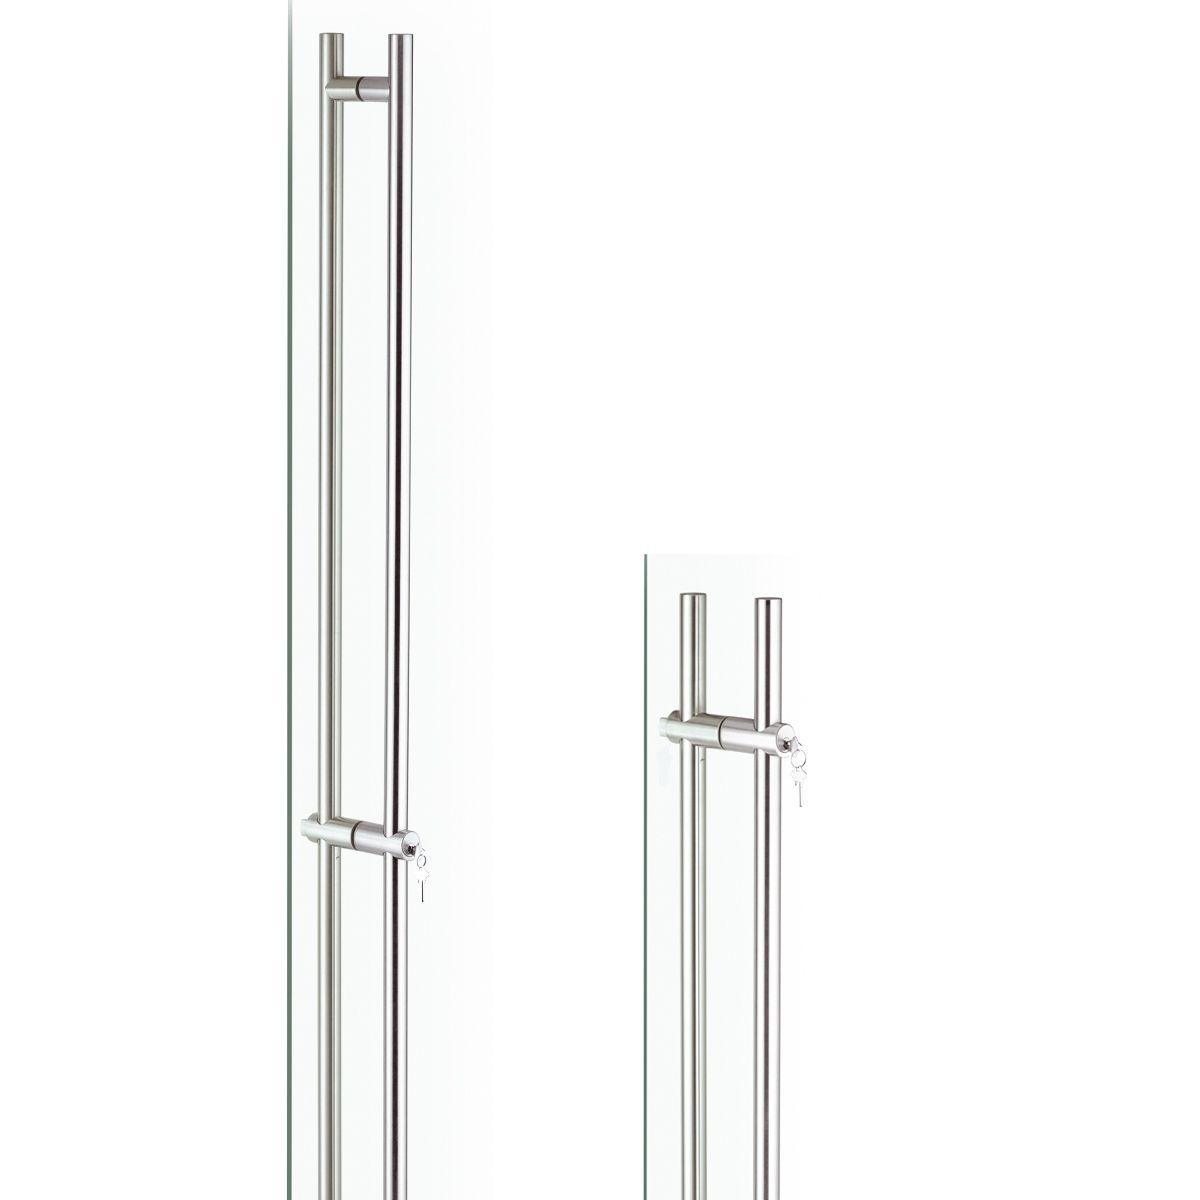 Dorma glass door pull handles glass doors pinterest door pull dorma glass door pull handles planetlyrics Choice Image